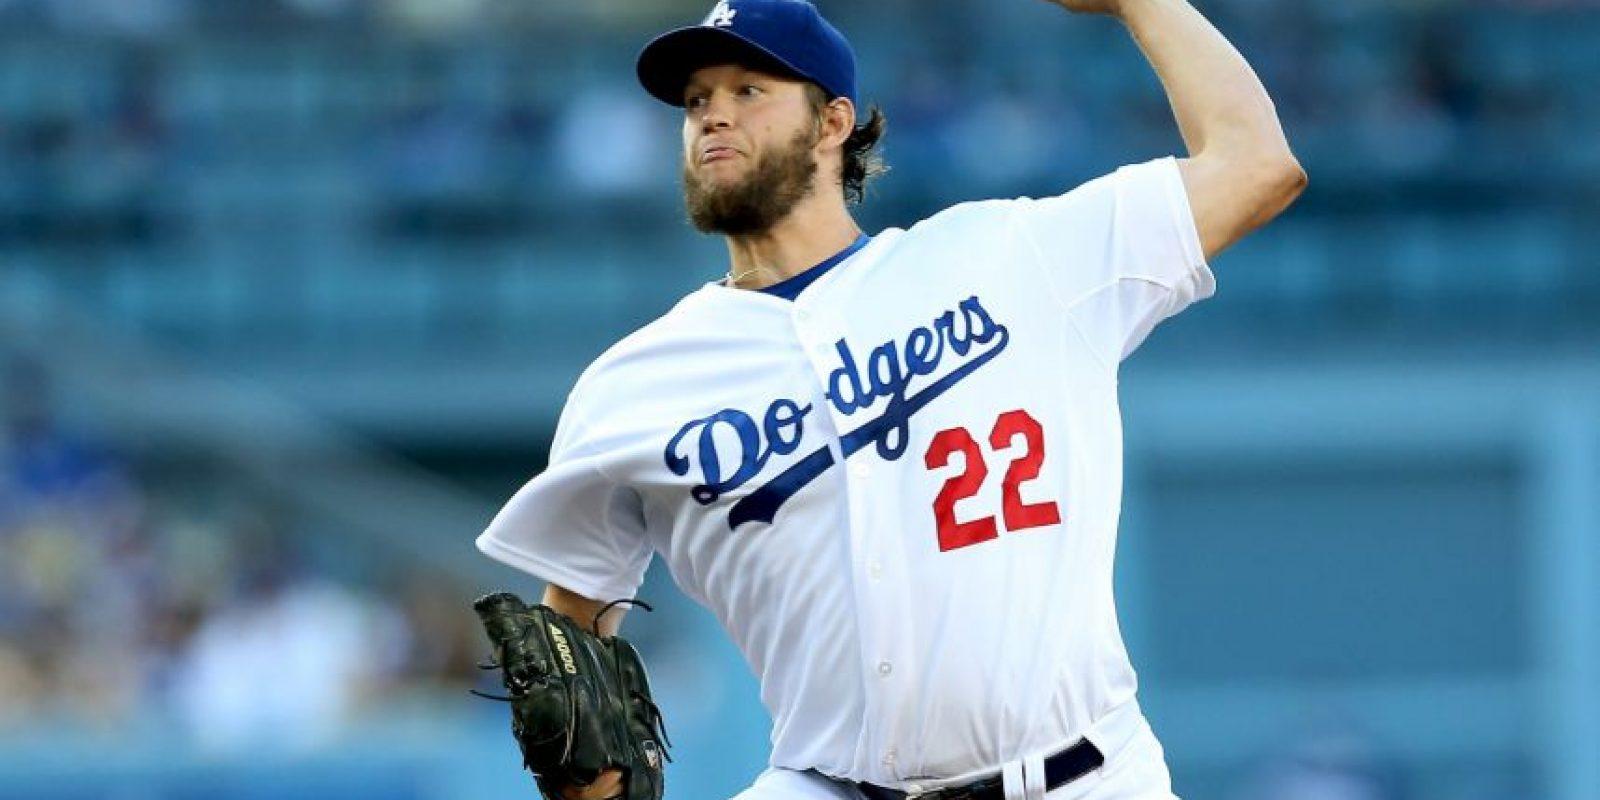 """Considerado el mejor pitcher actualmente en las Grandes Ligas, Los Ángeles Dodgers """"blindaron"""" a Kershaw con un contrato por 30.78 millones de dólares al año. Foto:Getty Images"""